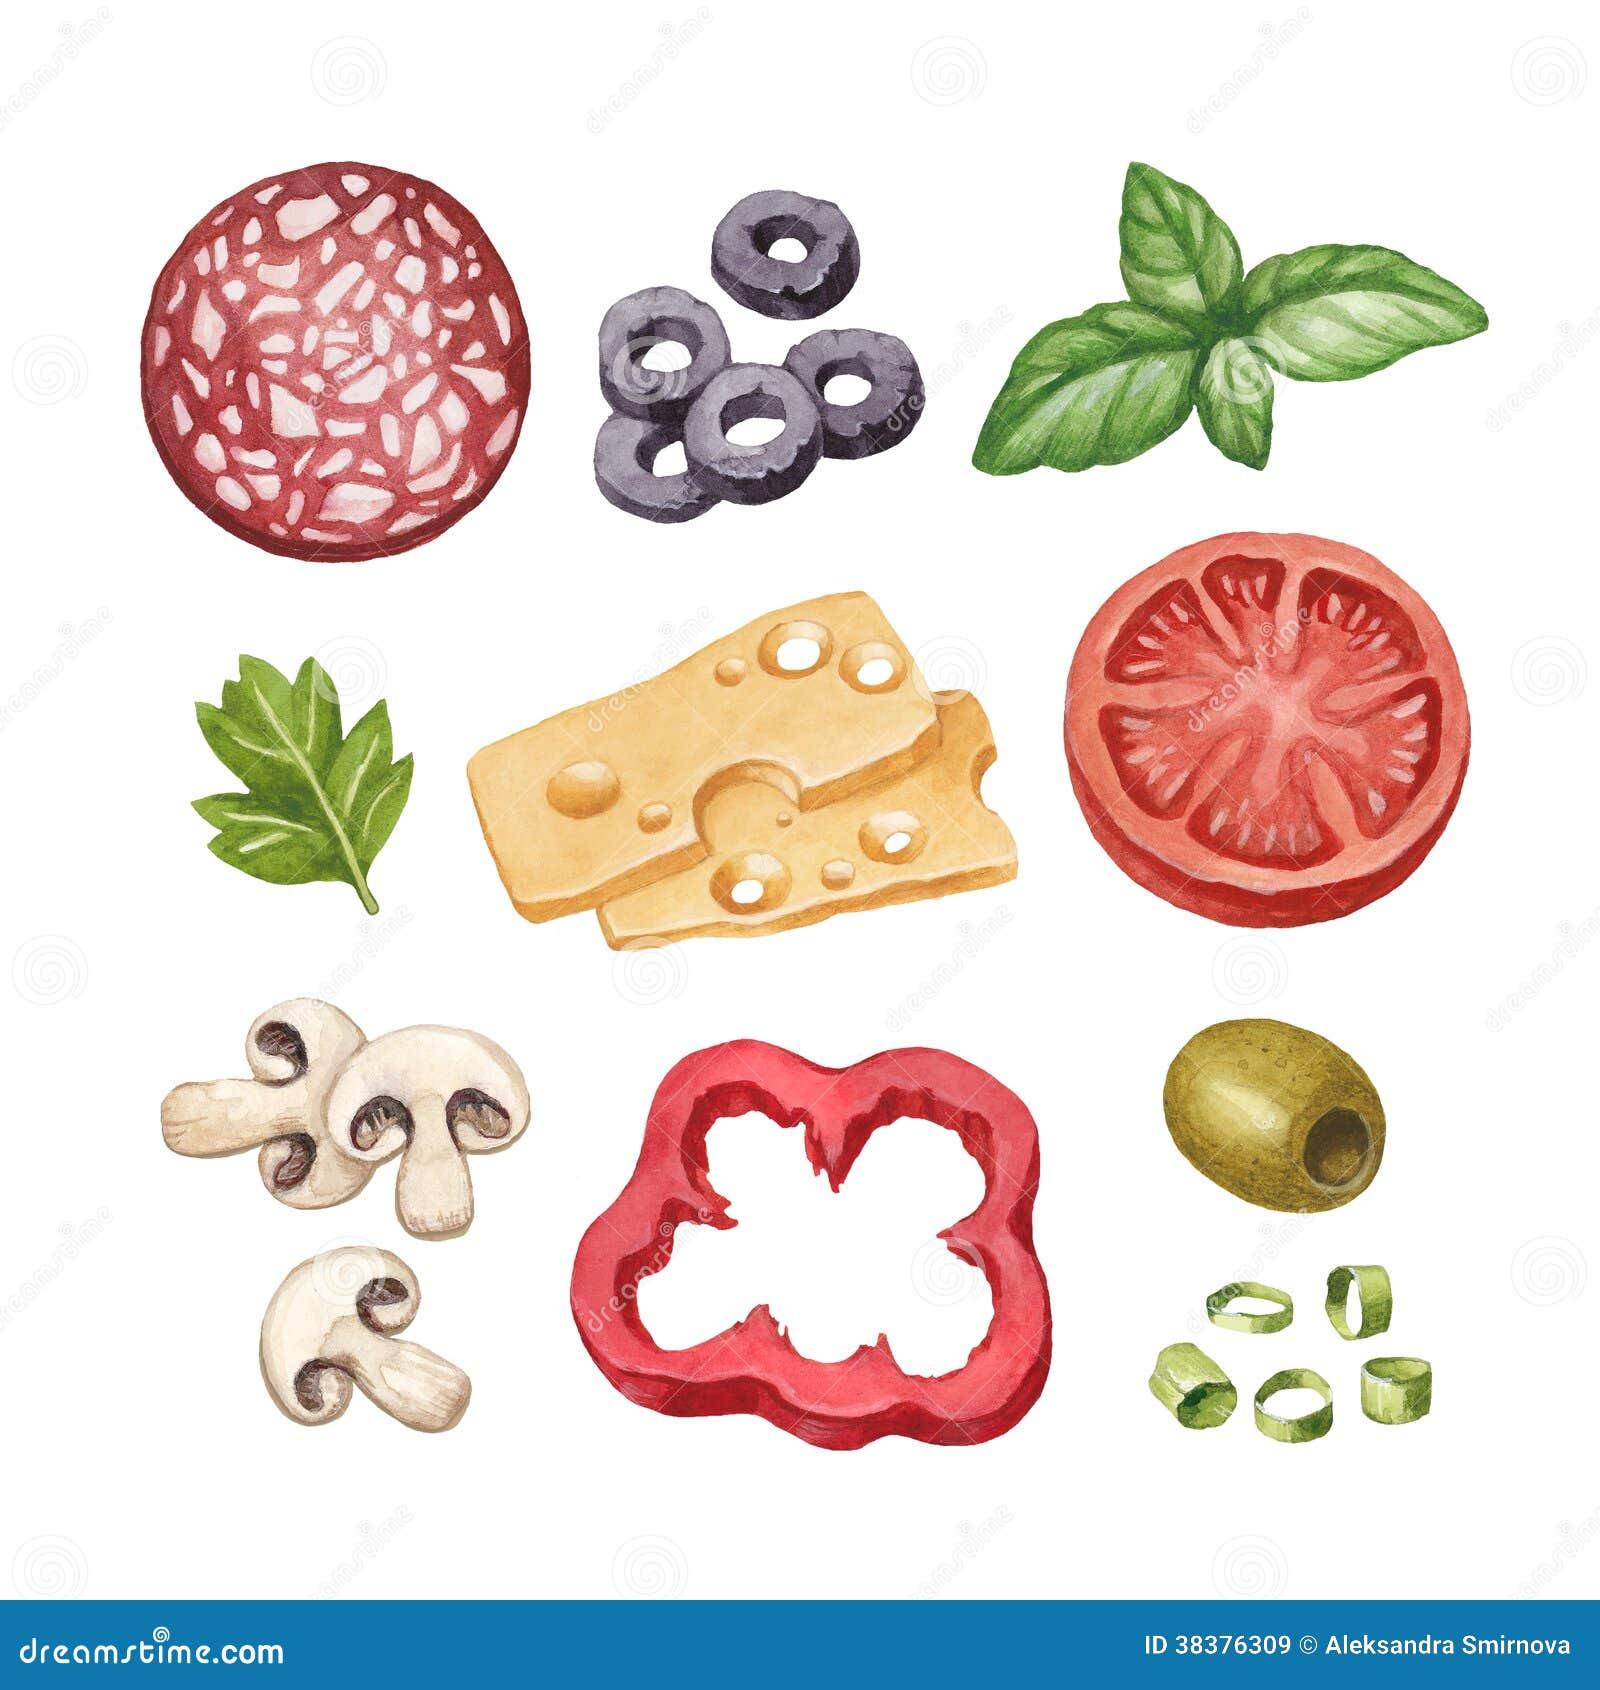 Illustration of food ingredients stock illustration for Art cuisine evolution 10 piece cooking set